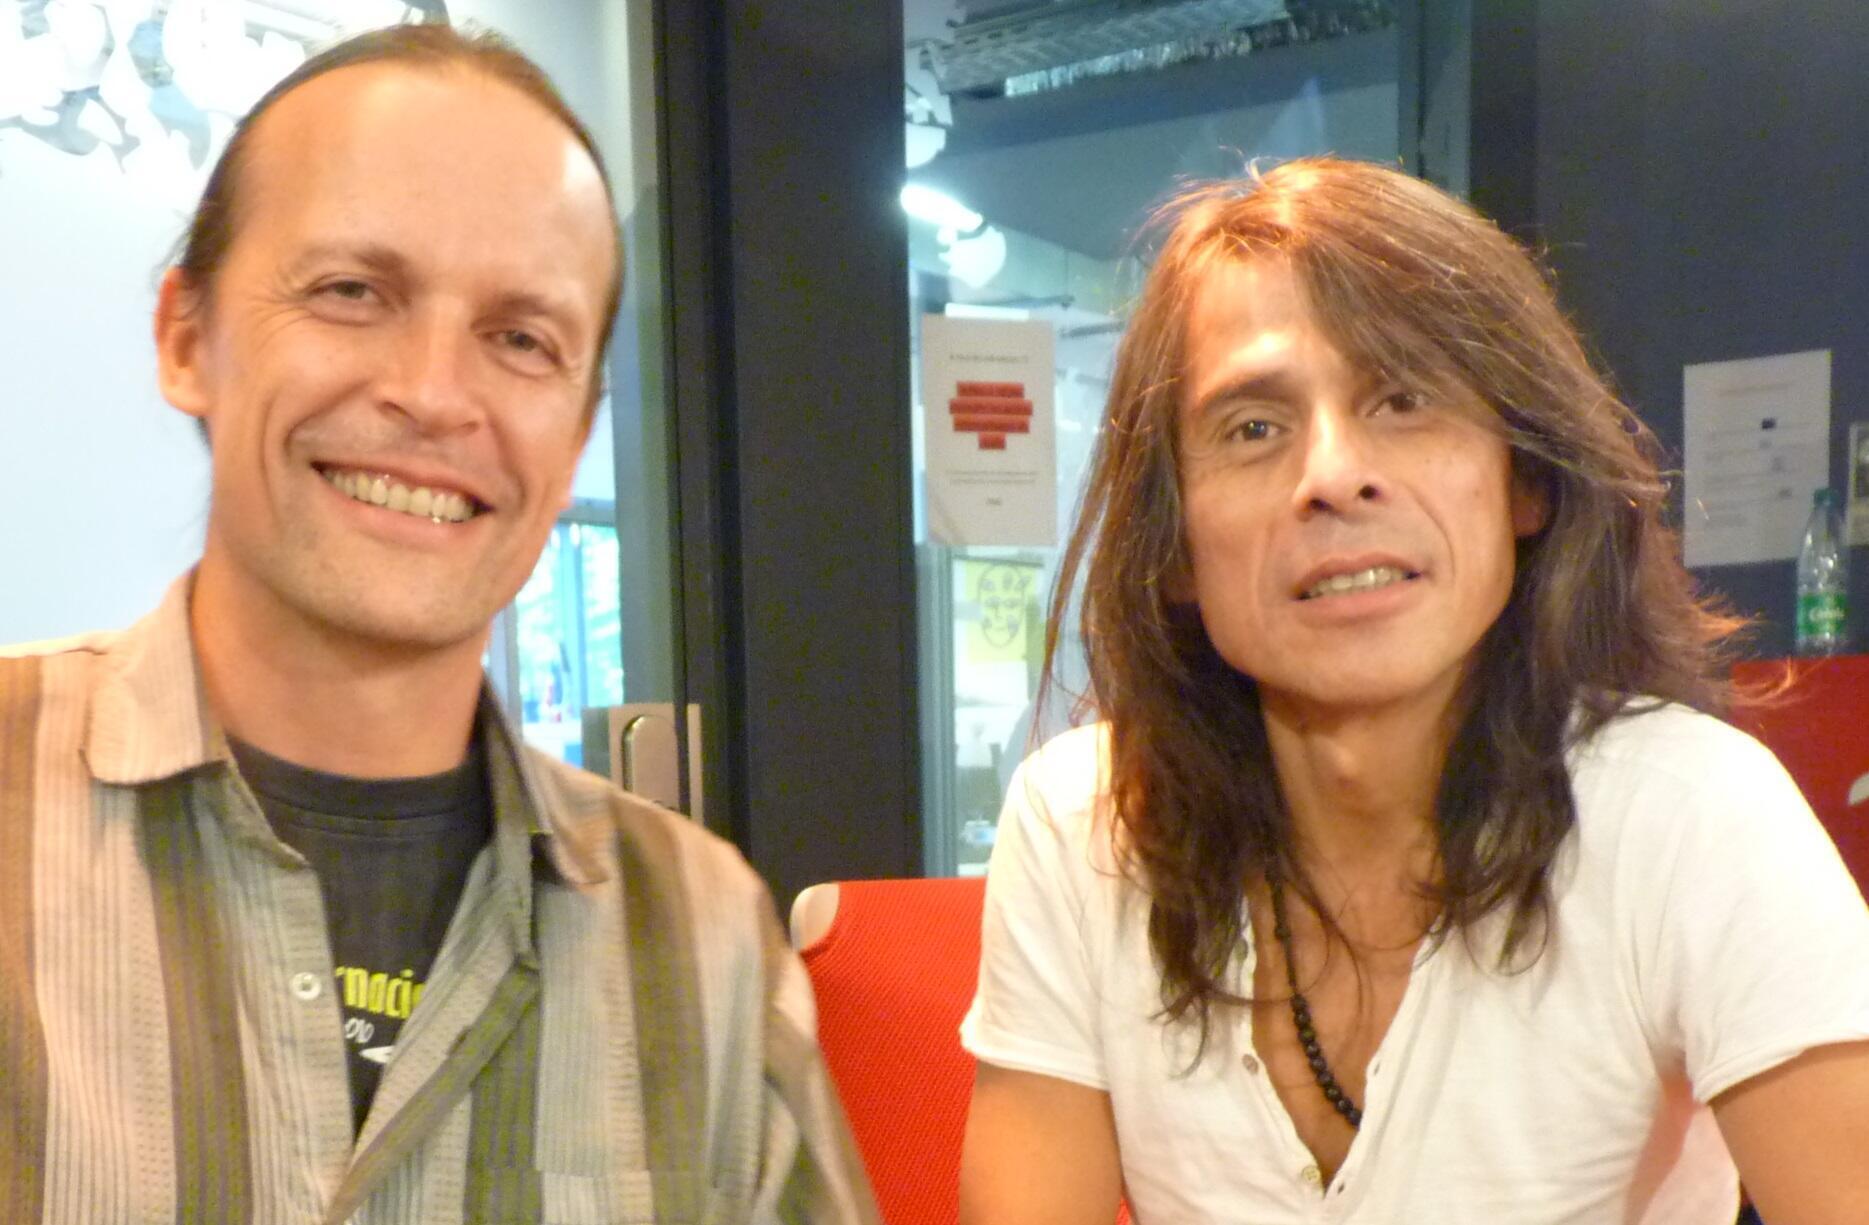 Simon Bolzinger y Rodolfo Muñoz en los estudios de RFI en París.